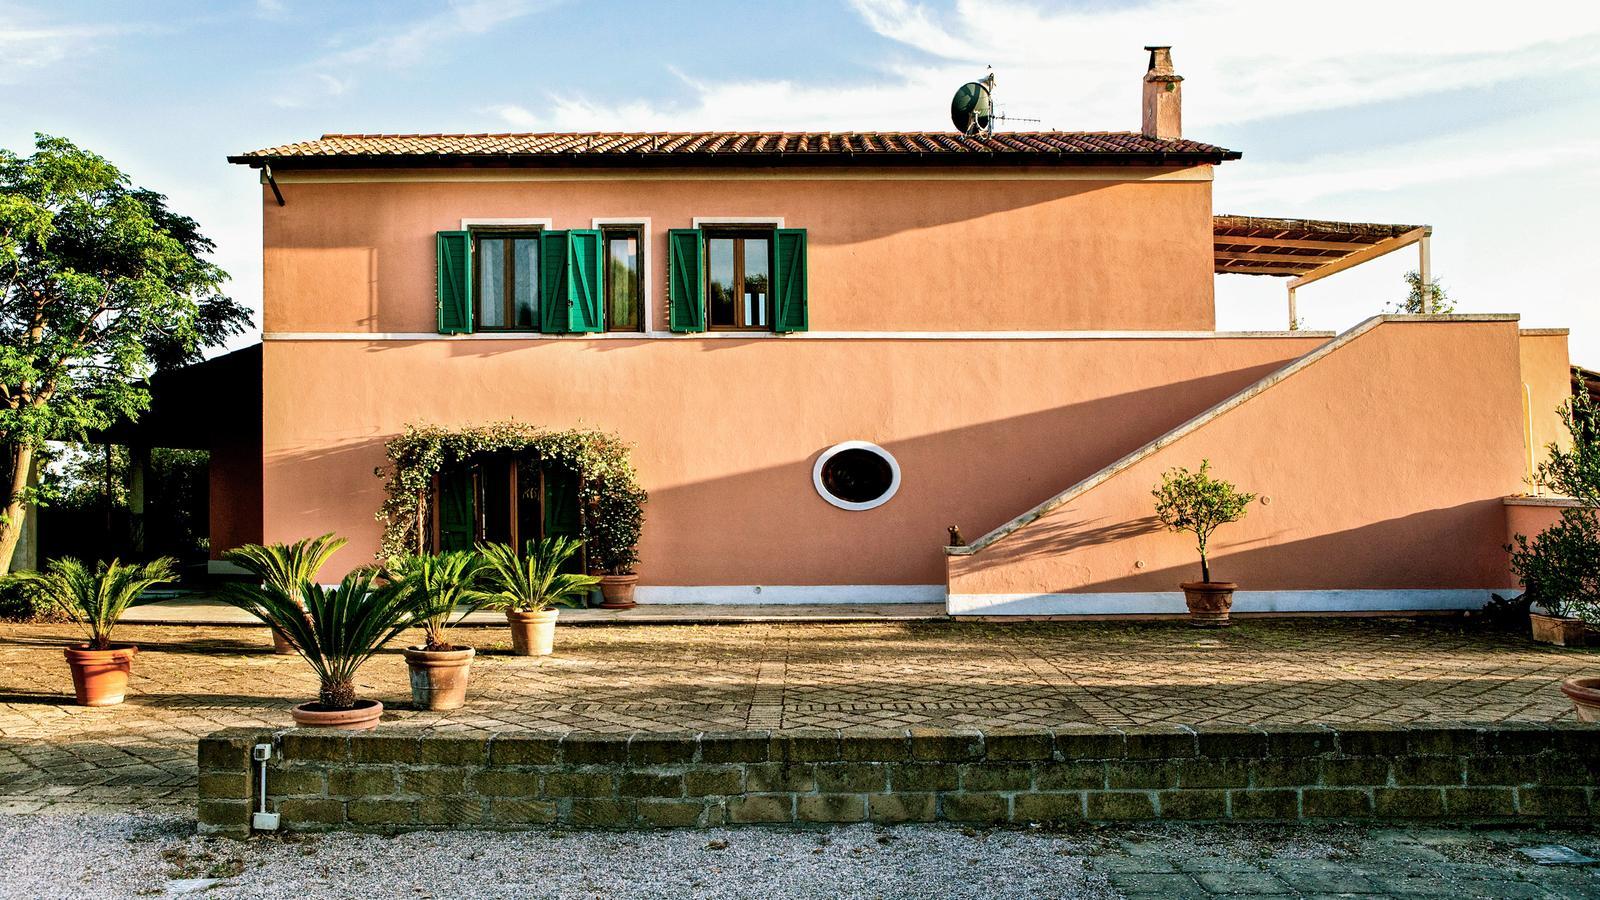 Italien Local Living – Toskana-Küste in Italien, Europa - G Adventures